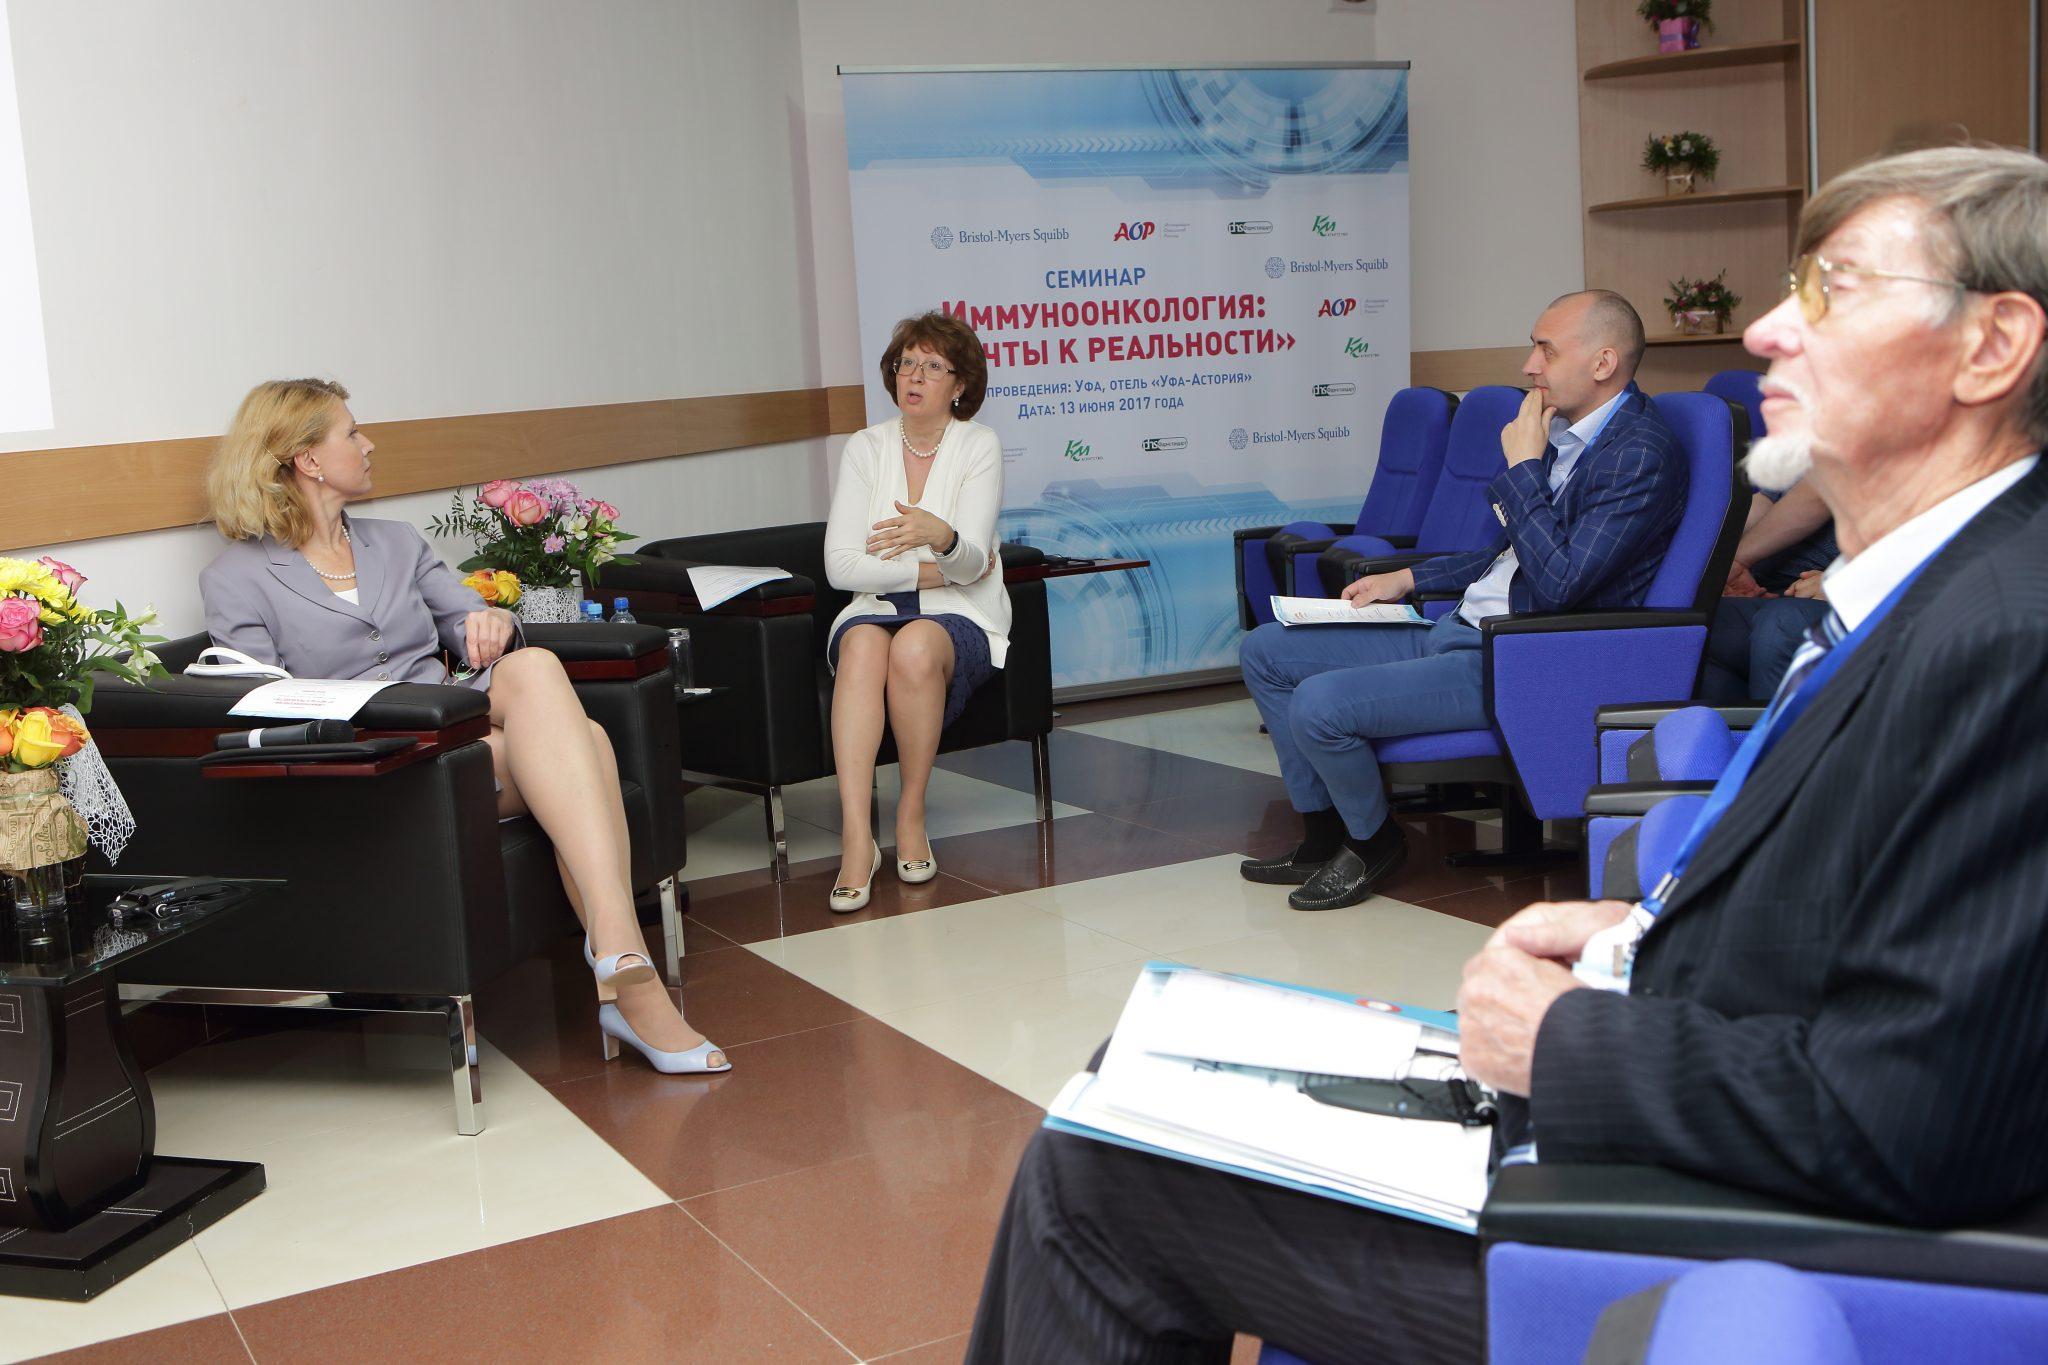 Научно-практический семинар «Иммуно-онкология: от мечты к реальности»